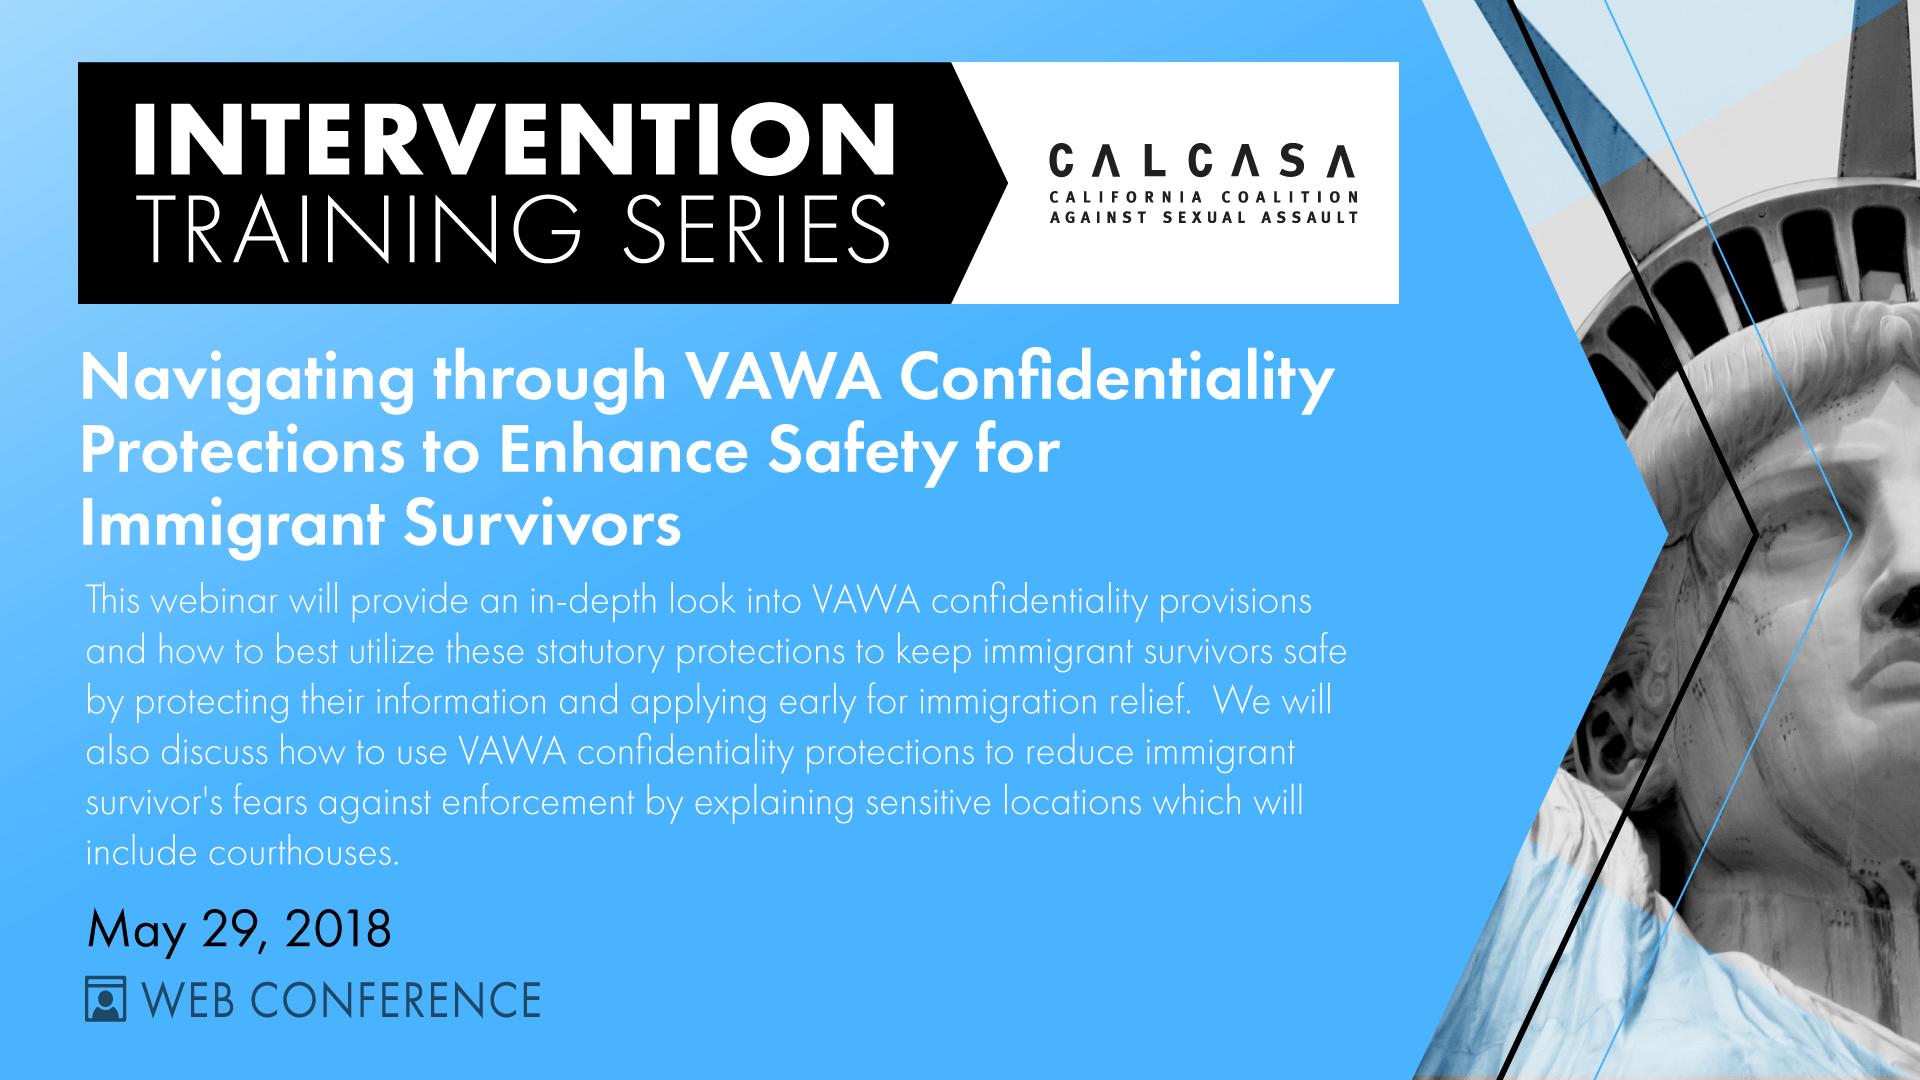 Navigating VAWA web conference